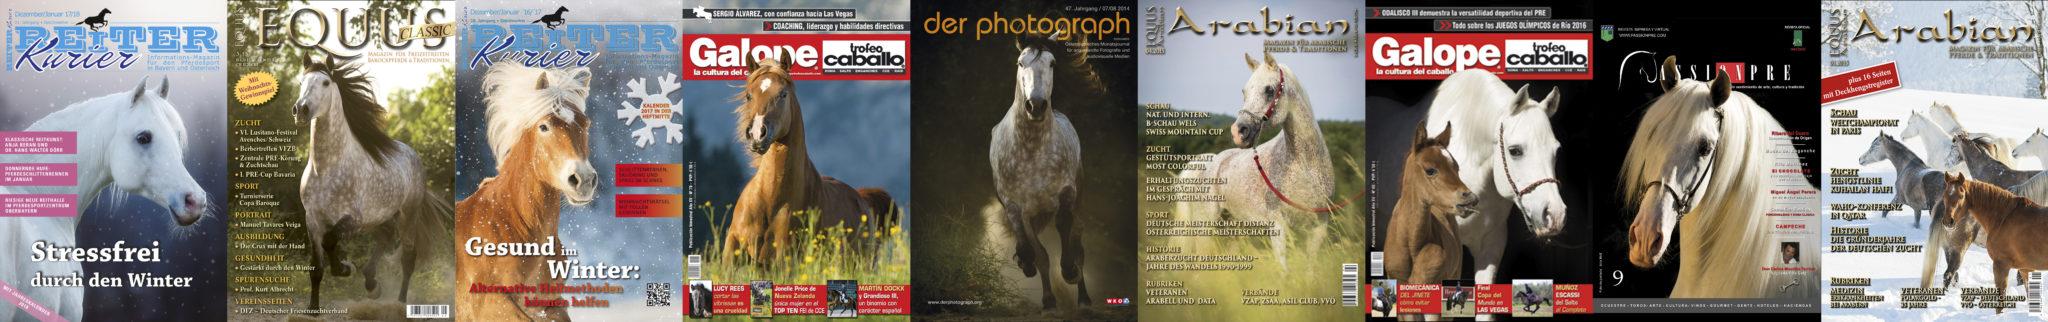 Publikationen von Julia Moll Pferdefotografin in verschiedenen Pferdemagazinen